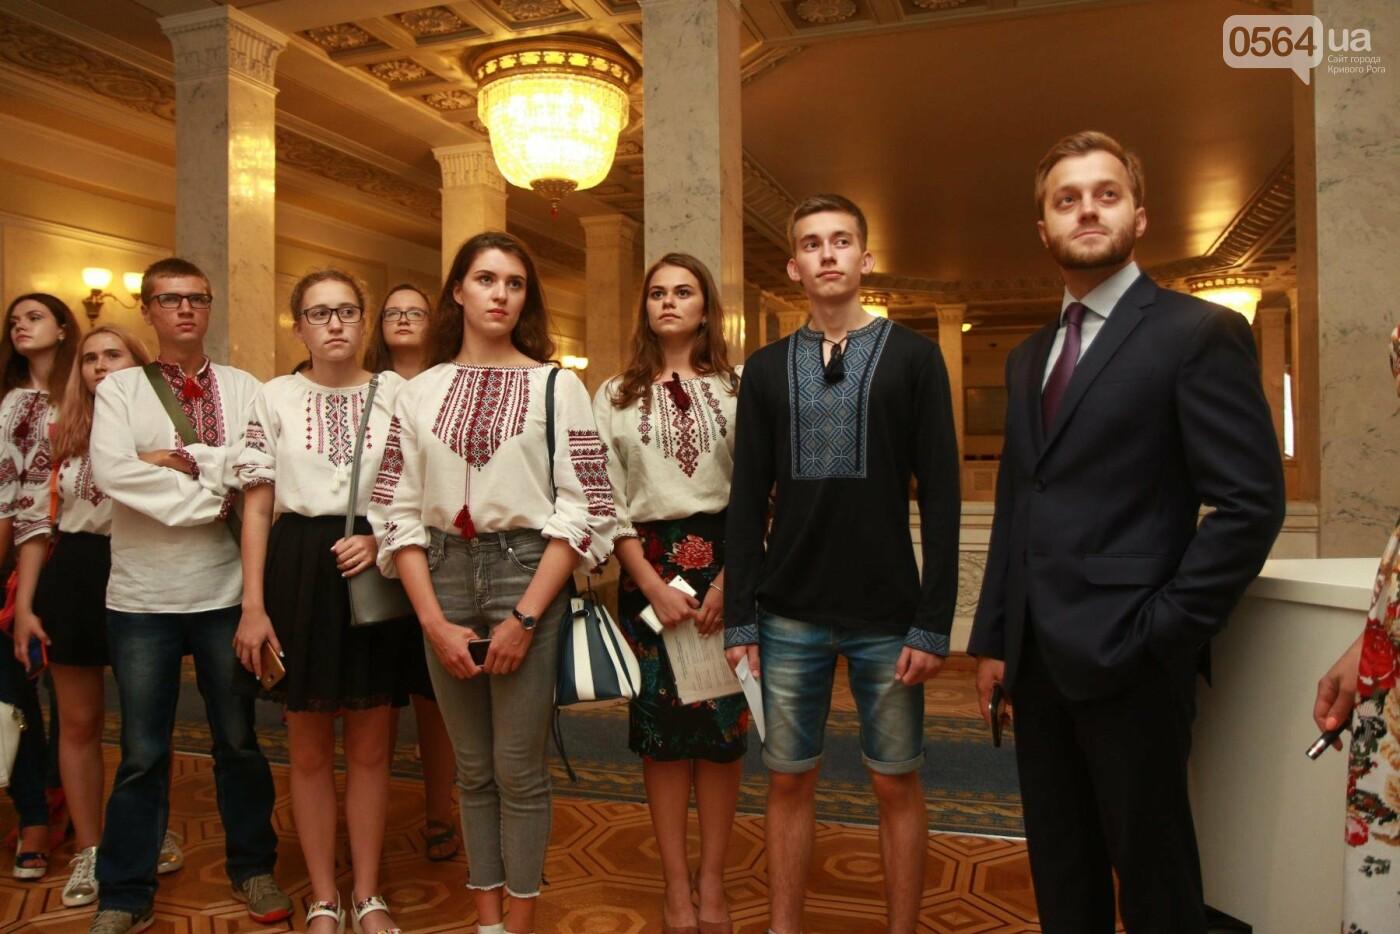 Нардеп  Константин Усов организовал для отличников  Кривого Рога экскурсию в Верховную Раду, фото-2